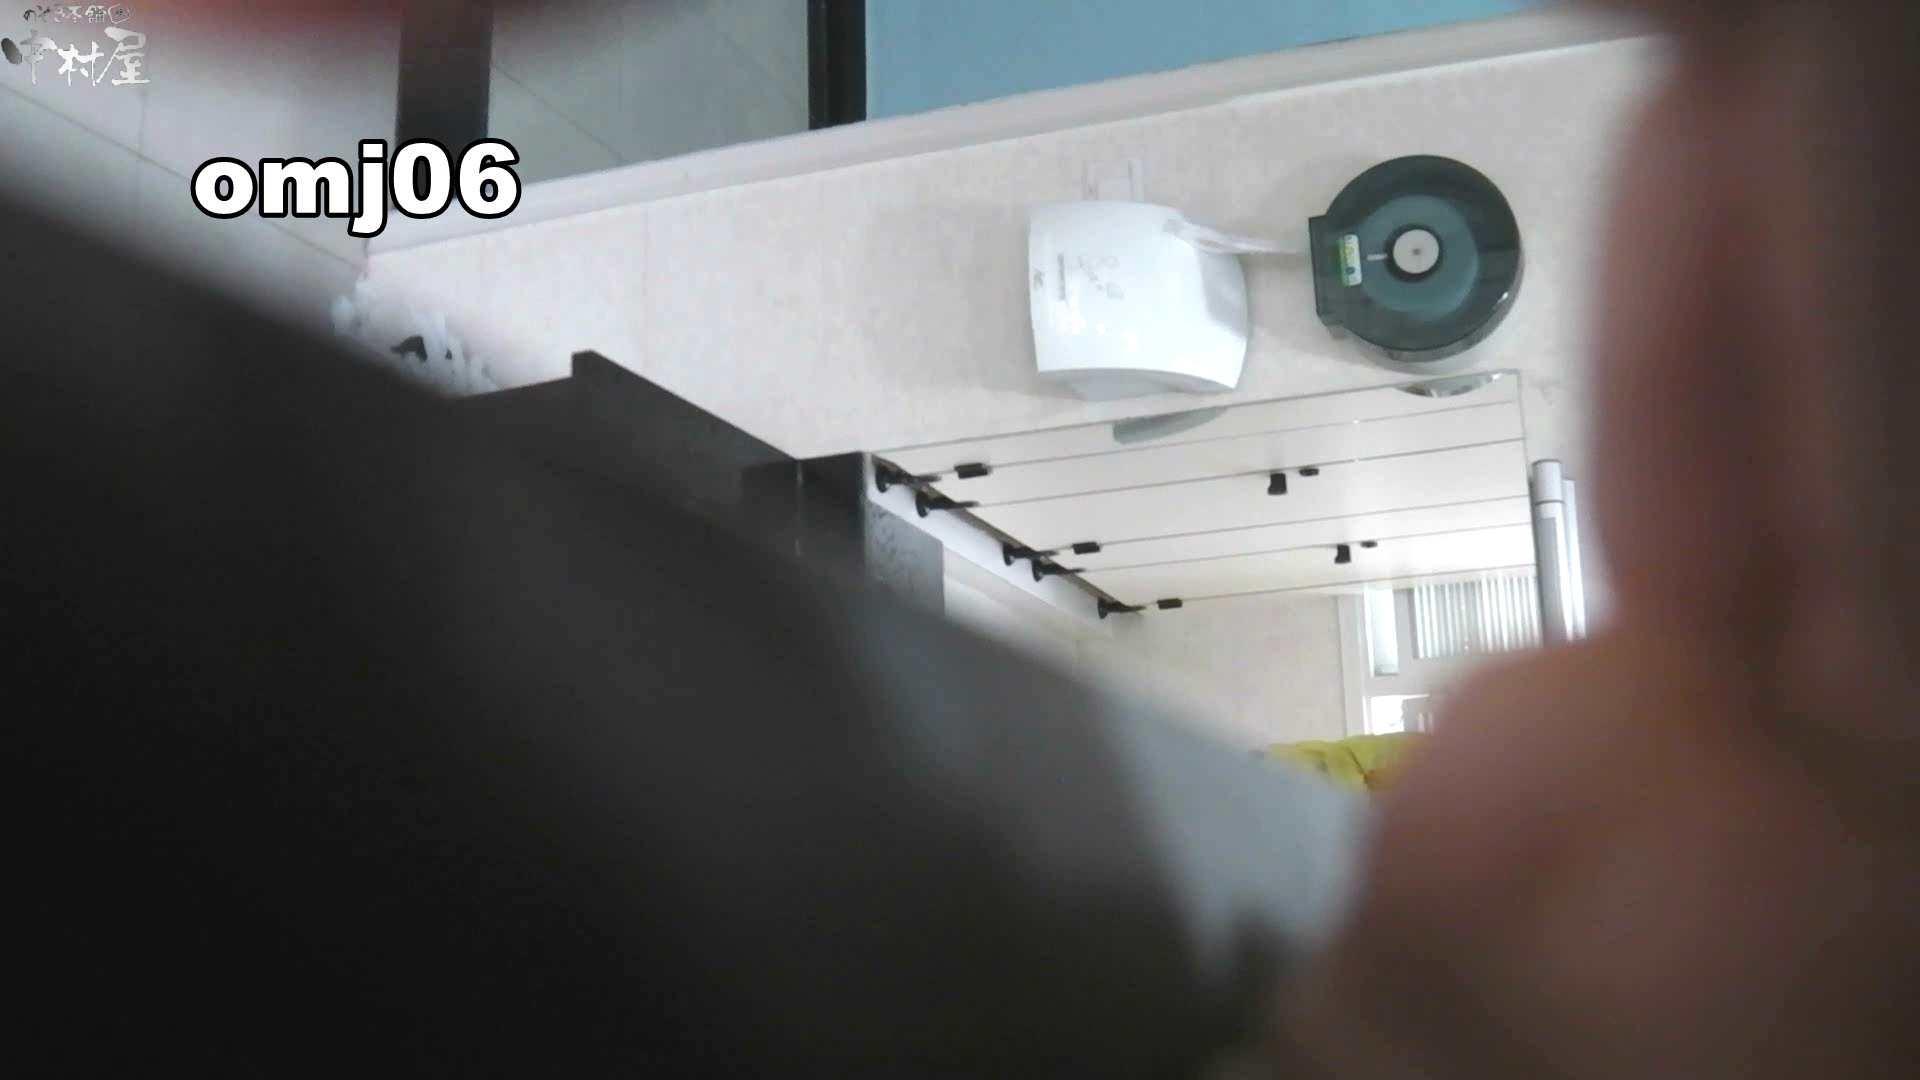 お市さんの「お尻丸出しジャンボリー」No.06 お尻 盗撮セックス無修正動画無料 49画像 13